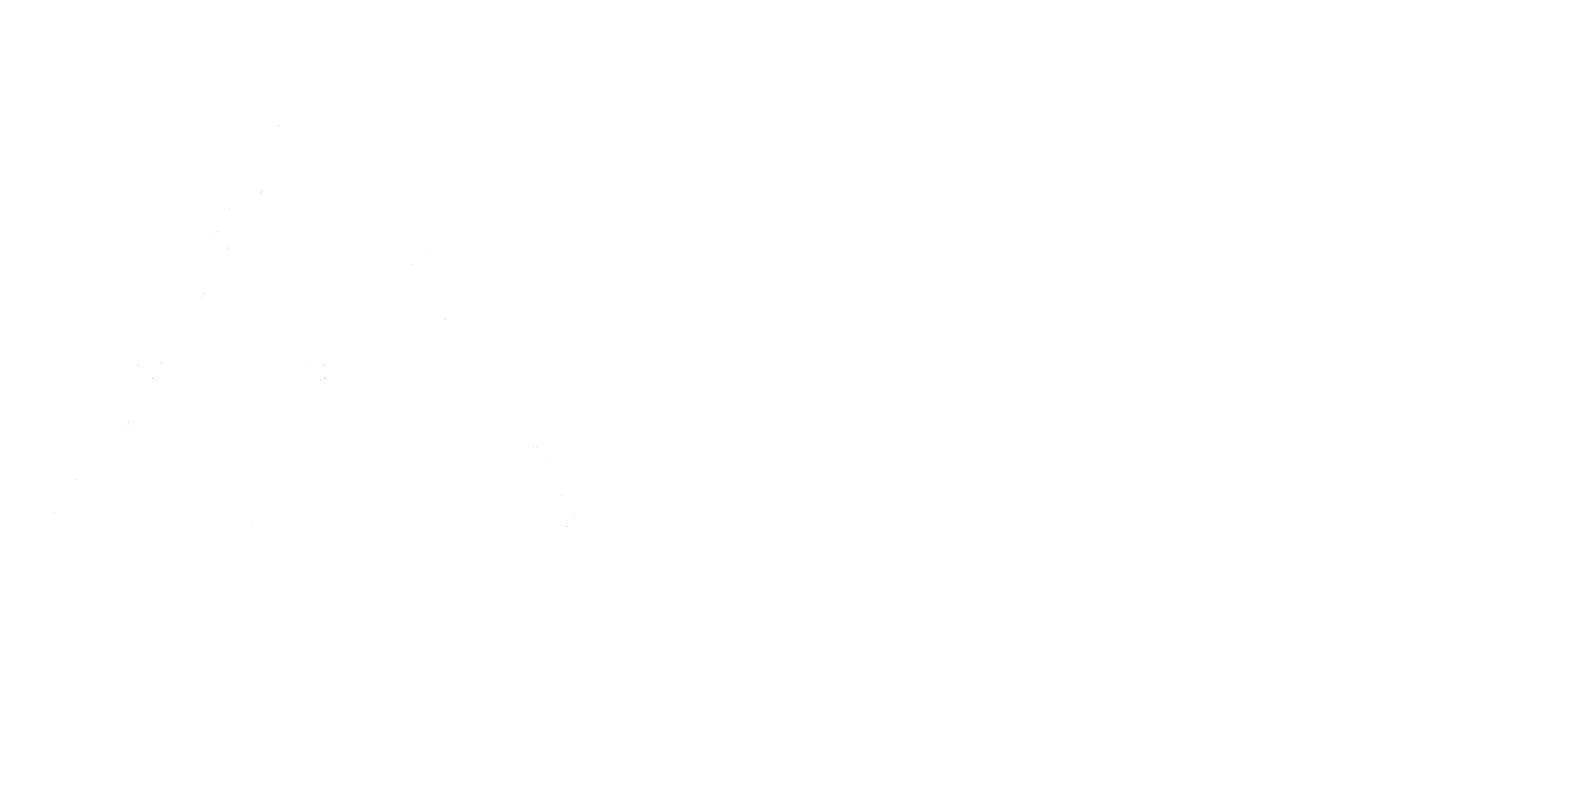 株式会社クリスタルインターナショナル